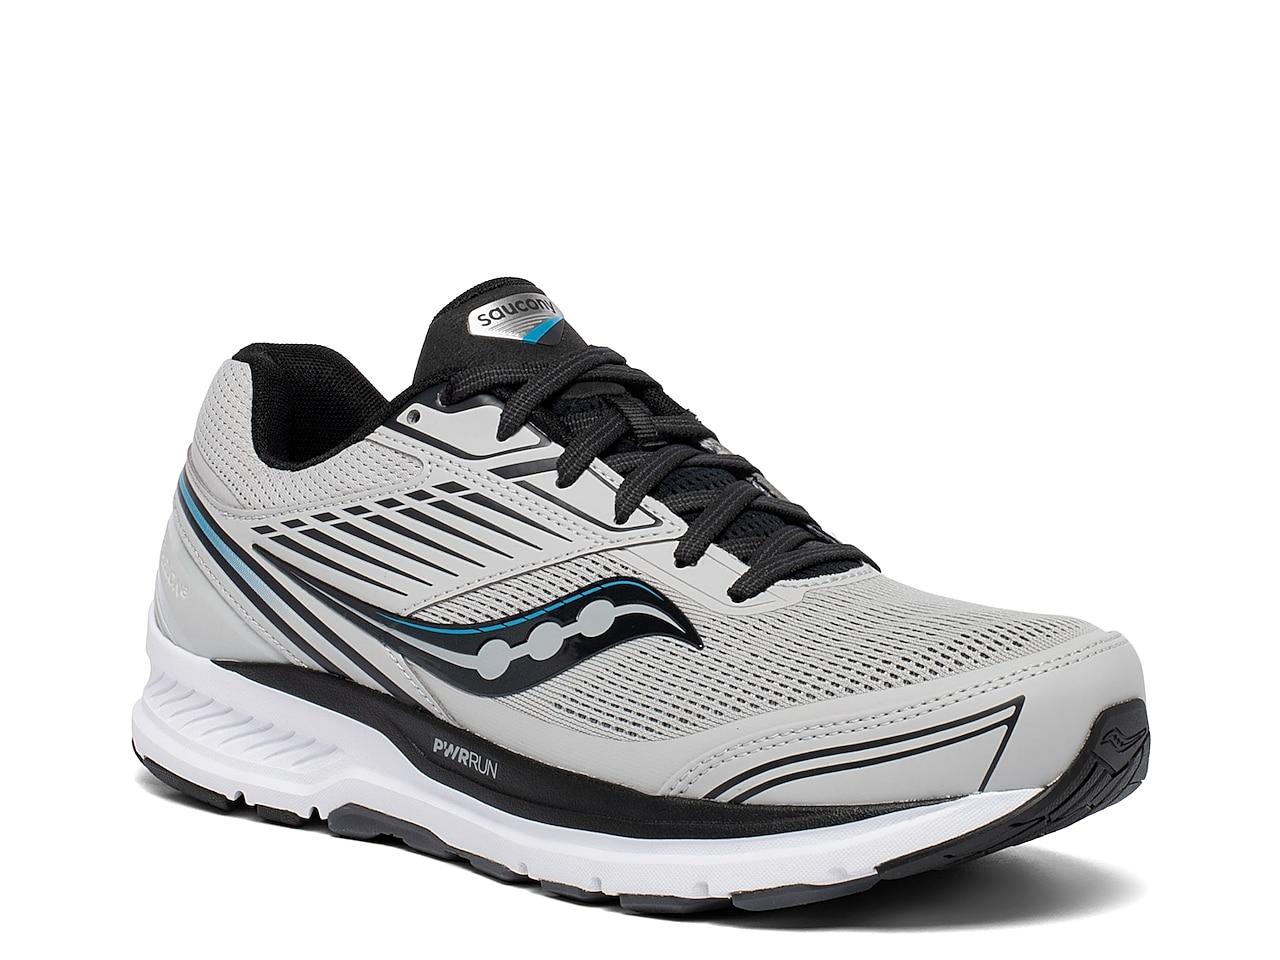 Saucony Echelon 8 Running Shoe - Men's